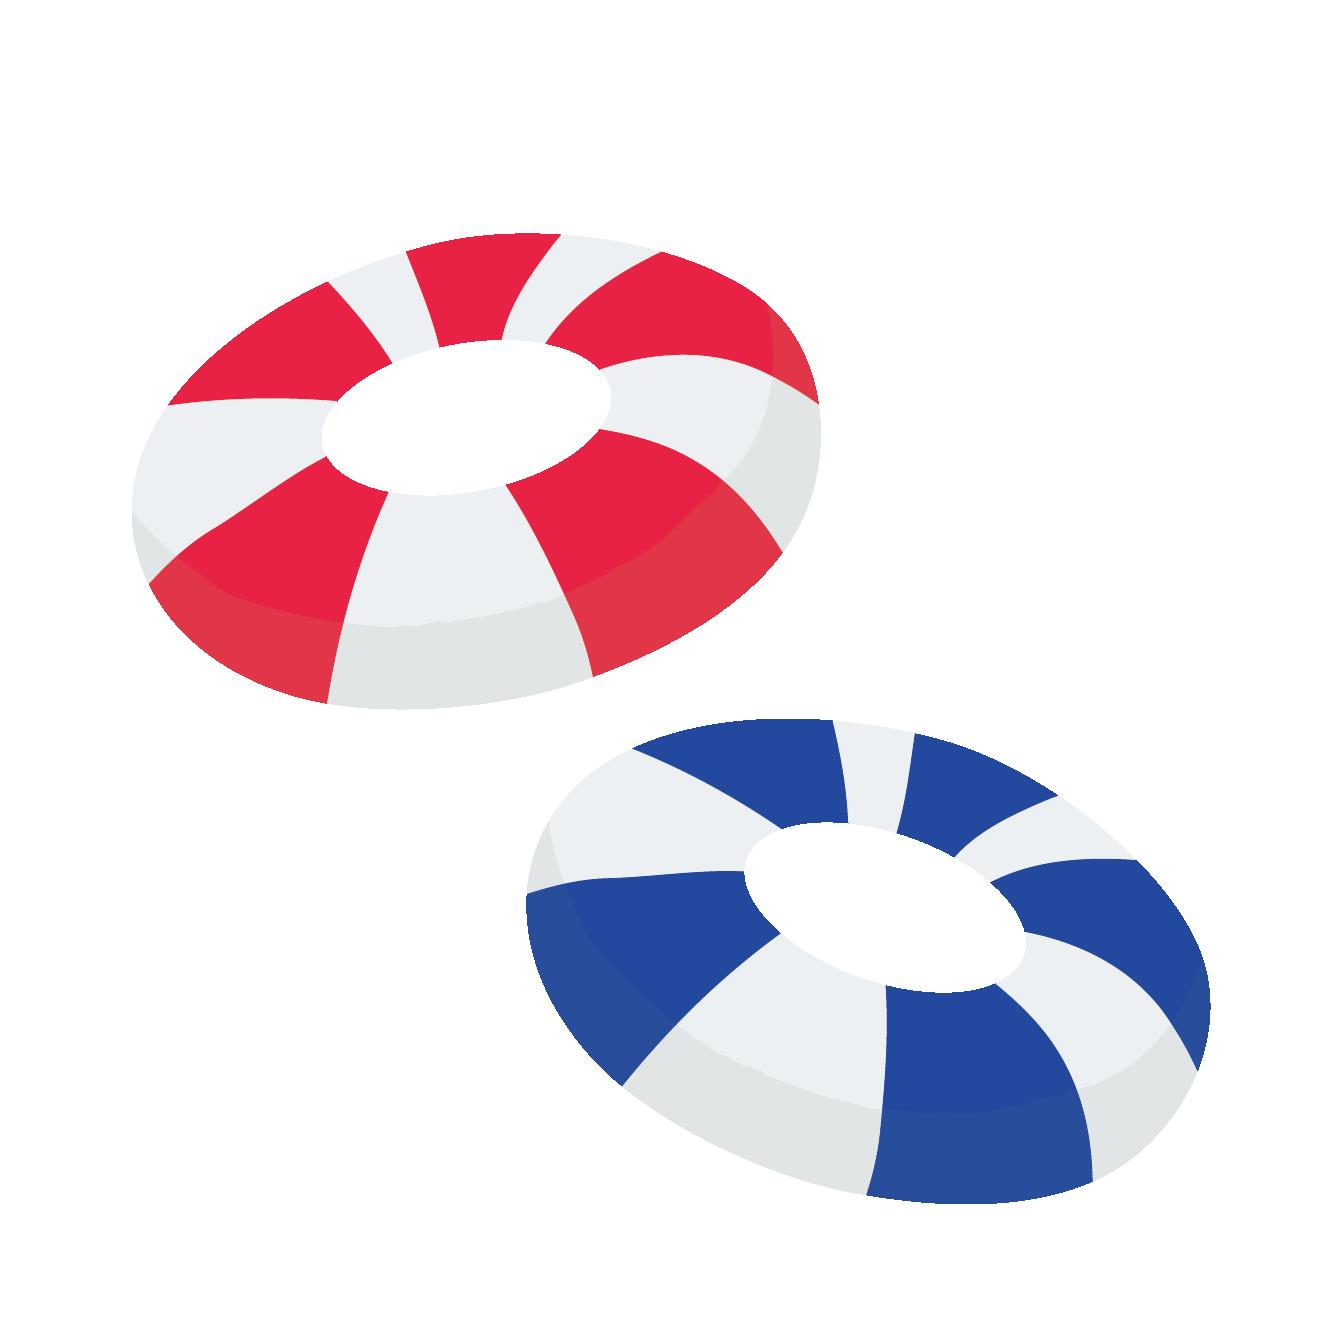 赤と青のマリンスタイルかわいい浮き輪のイラスト 商用フリー無料